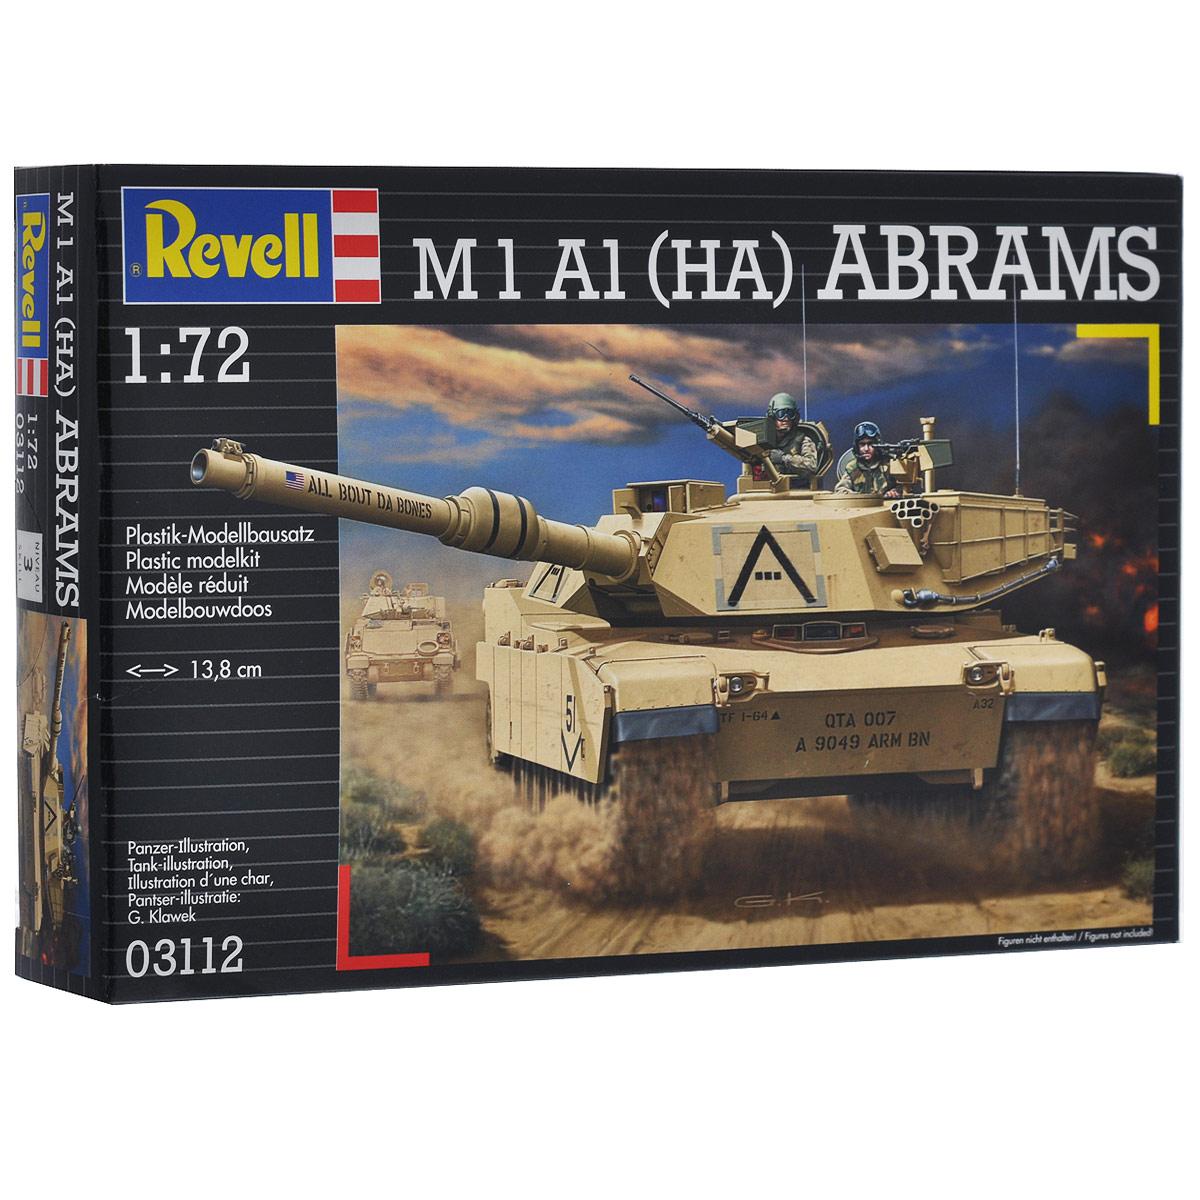 Сборная модель Revell Танк M1 A1 (HA) Abrams3112Сборная модель Revell Танк M1 A1 (HA) Abrams поможет вам и вашему ребенку придумать увлекательное занятие на долгое время. Набор включает в себя 113 пластиковых элементов, из которых можно собрать достоверную уменьшенную копию одноименного американского танка. Назван в честь генерала танковых войск Крейтона Абрамса – участника Второй мировой и войны во Вьетнаме. Серийно танк производится с 1980 года. Всего было выпущено около 10 тысяч экземпляров. M1A1 активно применялись во время войны в Персидском заливе, Ираке и Афганистане. Также в наборе схематичная инструкция по сборке. Процесс сборки развивает интеллектуальные и инструментальные способности, воображение и конструктивное мышление, а также прививает практические навыки работы со схемами и чертежами. Уровень сложности: 3. УВАЖАЕМЫЕ КЛИЕНТЫ! Обращаем ваше внимание на тот факт, что элементы для сборки не покрашены. Клей и краски в комплект не входят.